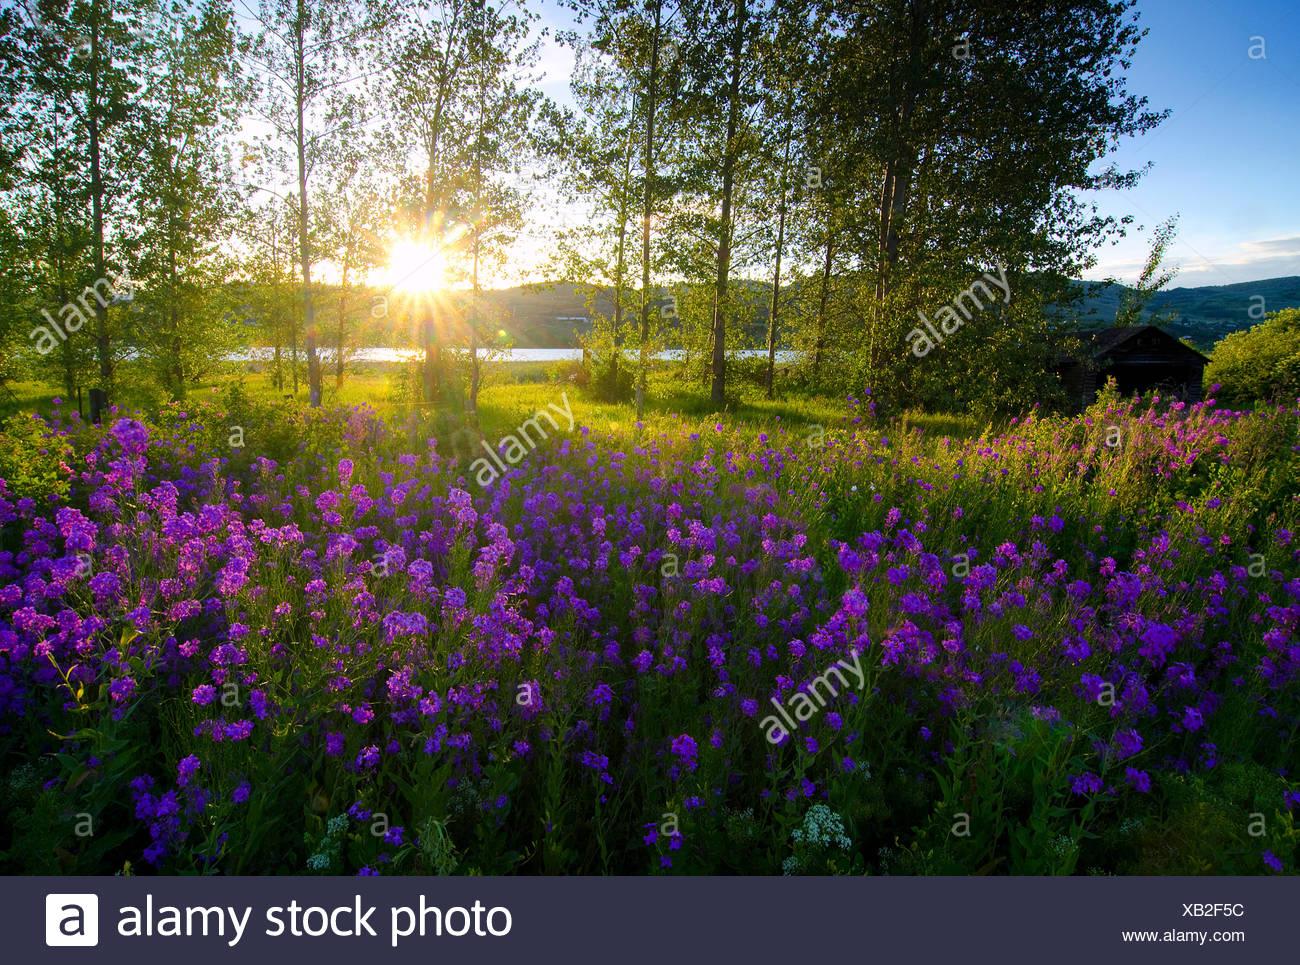 Hesperis matronalis (dames rocket) en plena floración como ellos empapan en primavera sol al lado de el lago de los cisnes en Vernon, en la región de Okanagan de la Columbia Británica, Canadá Imagen De Stock